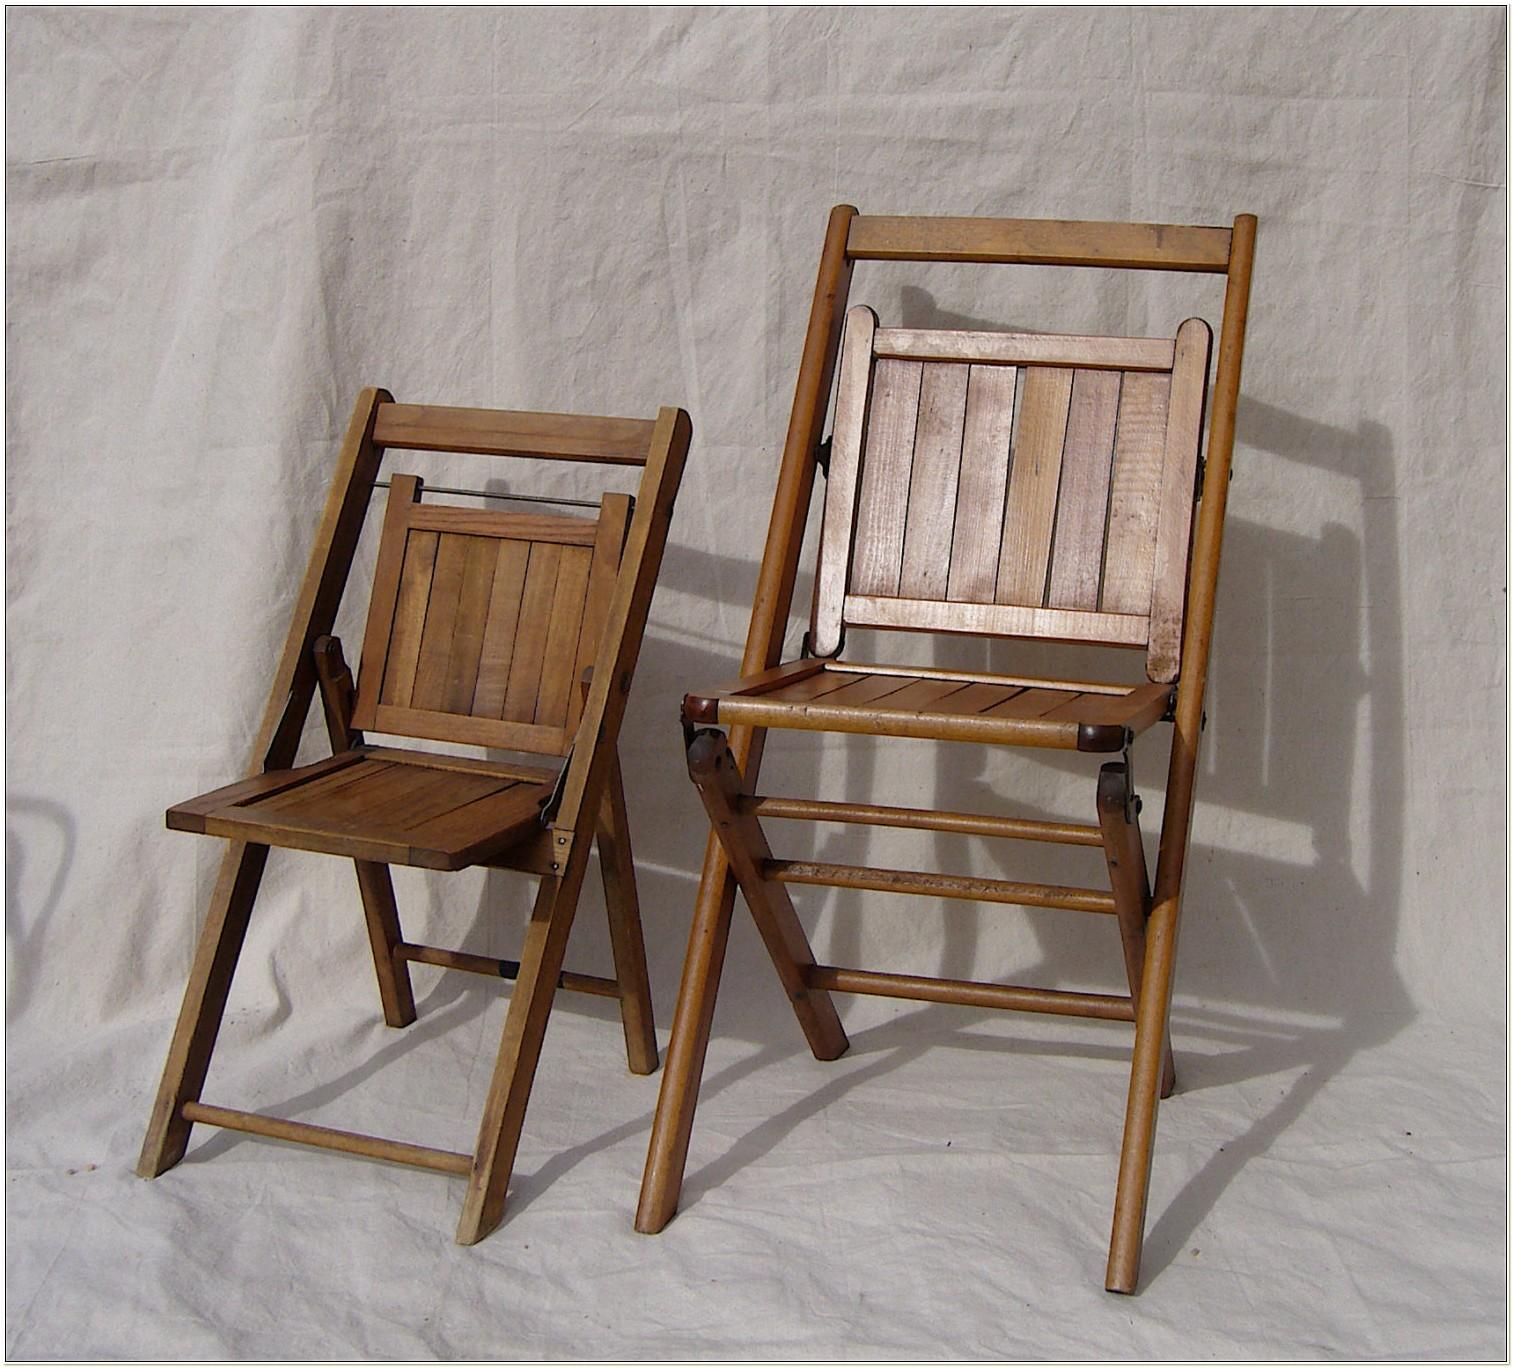 Cosco Wood Slat Folding Chair